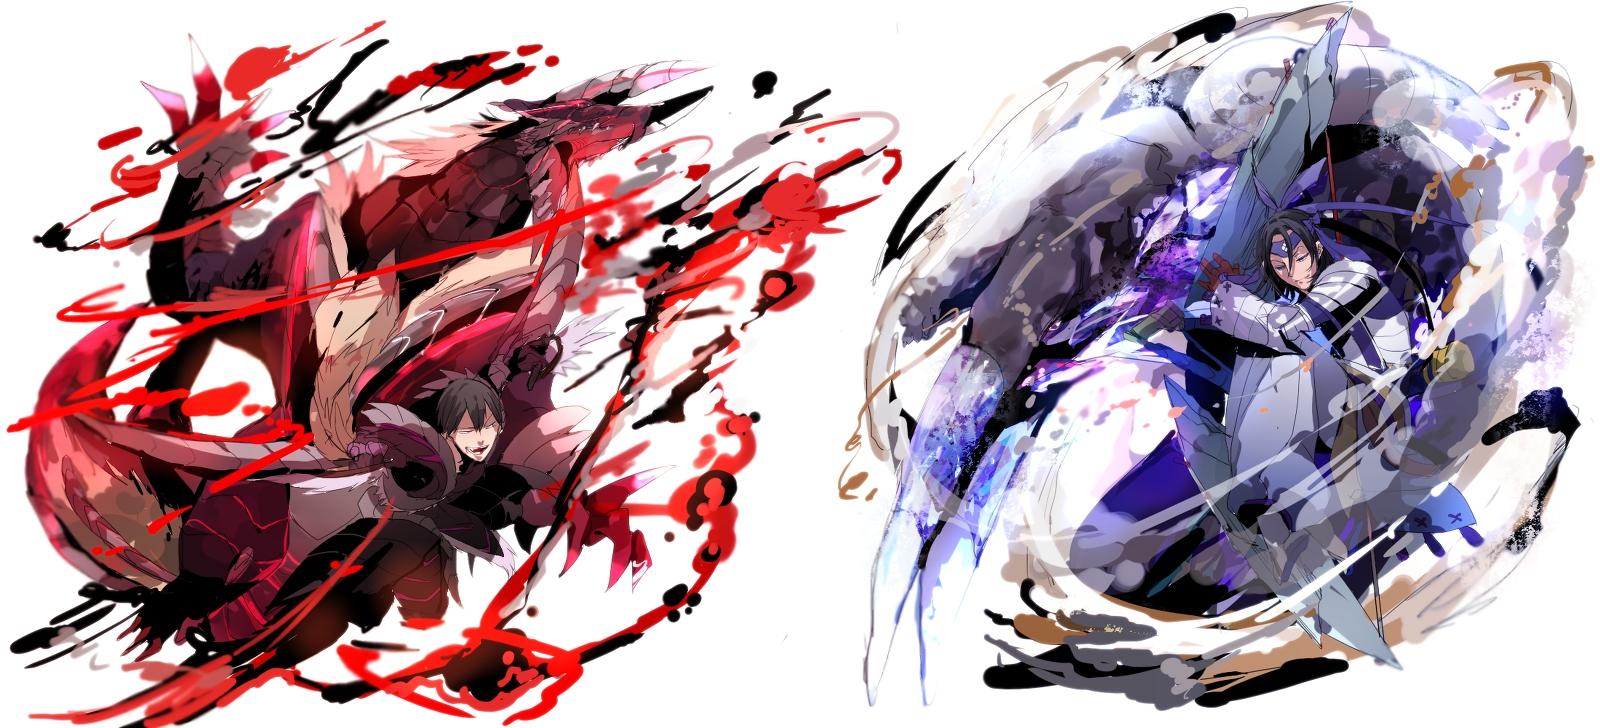 Anime Characters Monster Hunter World : Stygian zinogre zerochan anime image board